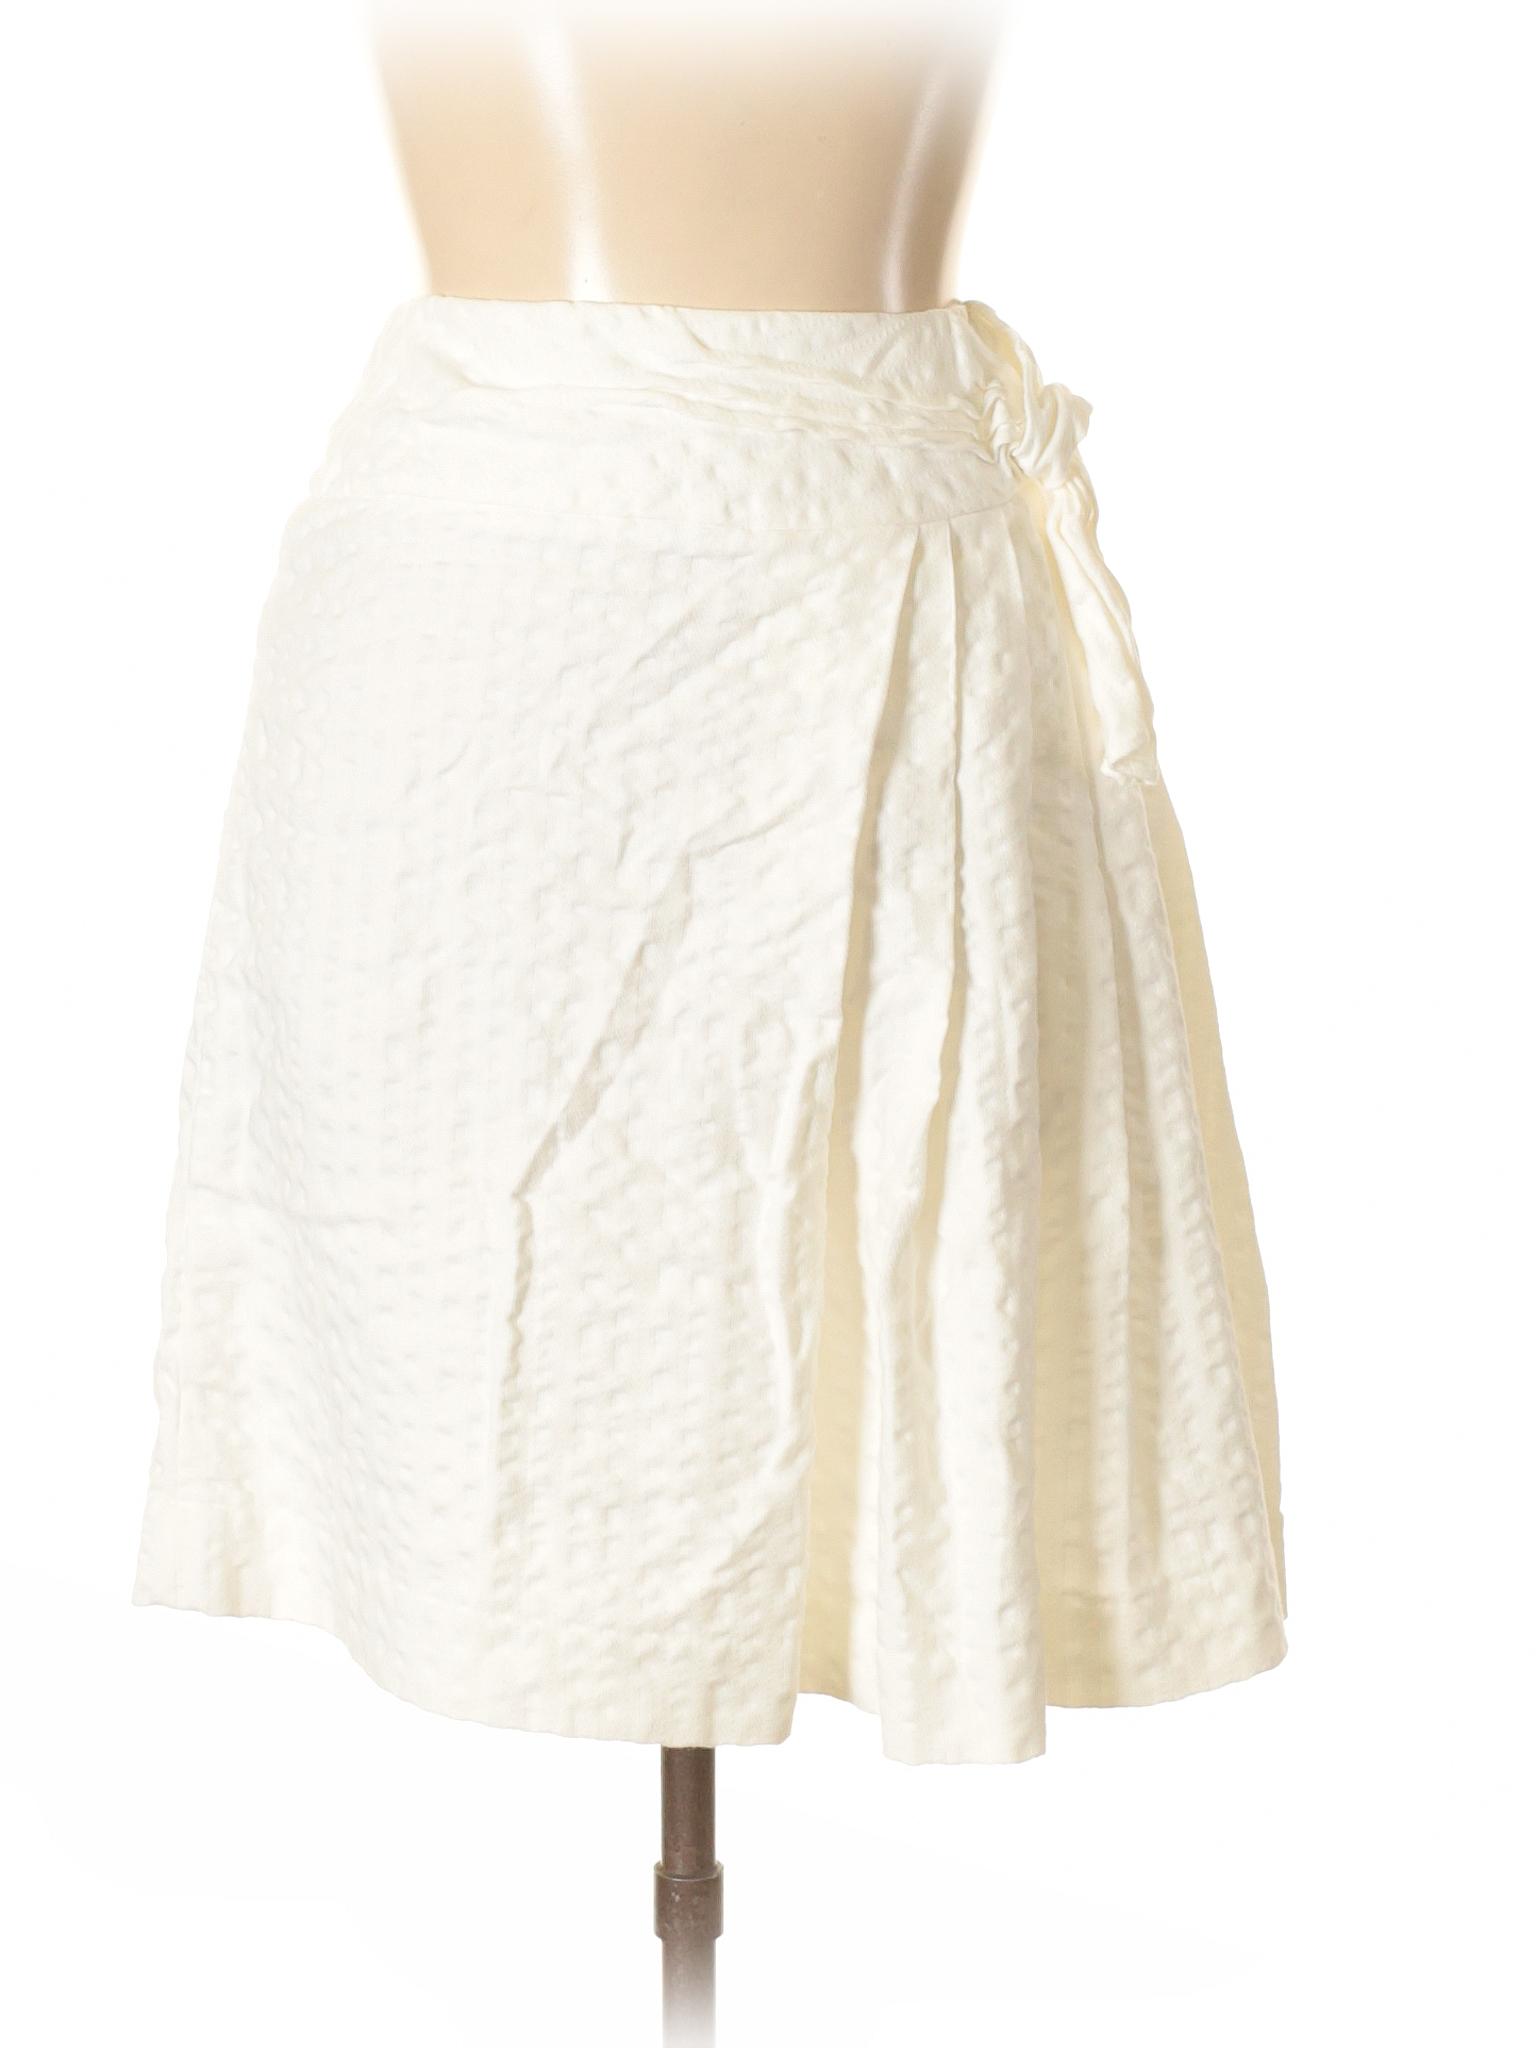 Boutique Boutique Casual Boutique Casual Skirt Skirt Skirt Boutique Boutique Skirt Skirt Casual Casual Casual YYwAq5H